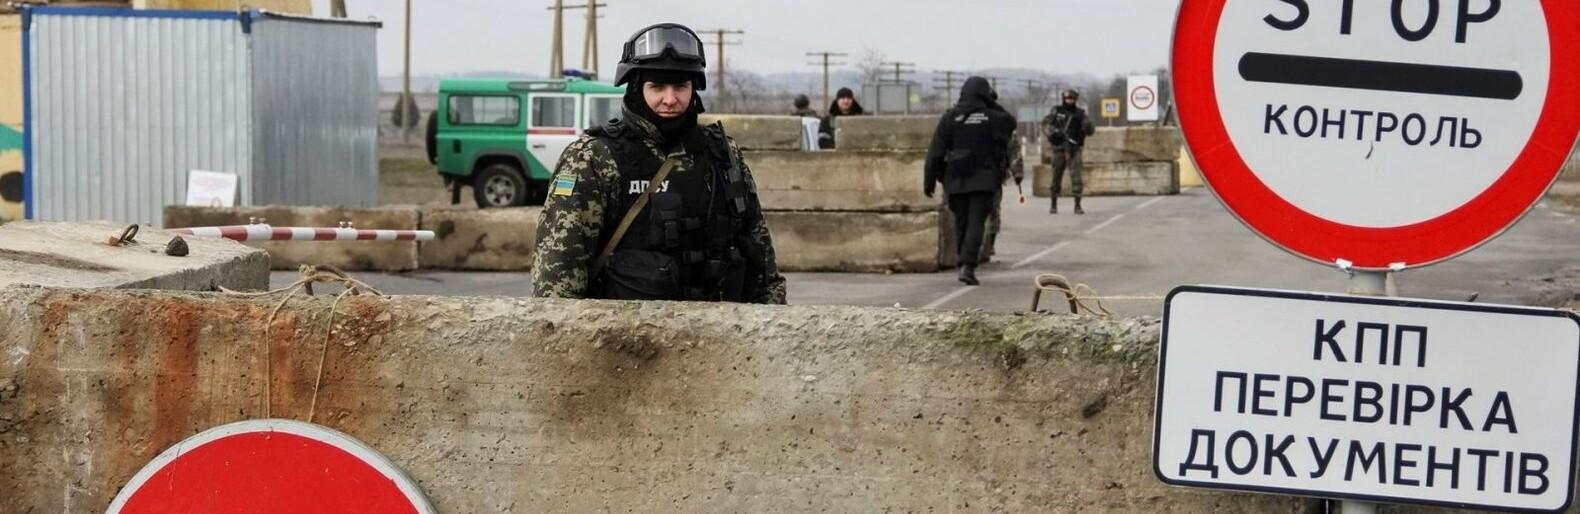 ФСБ задержала украинца на границе в Херсонской области: ехал в Крым по поддельным документам